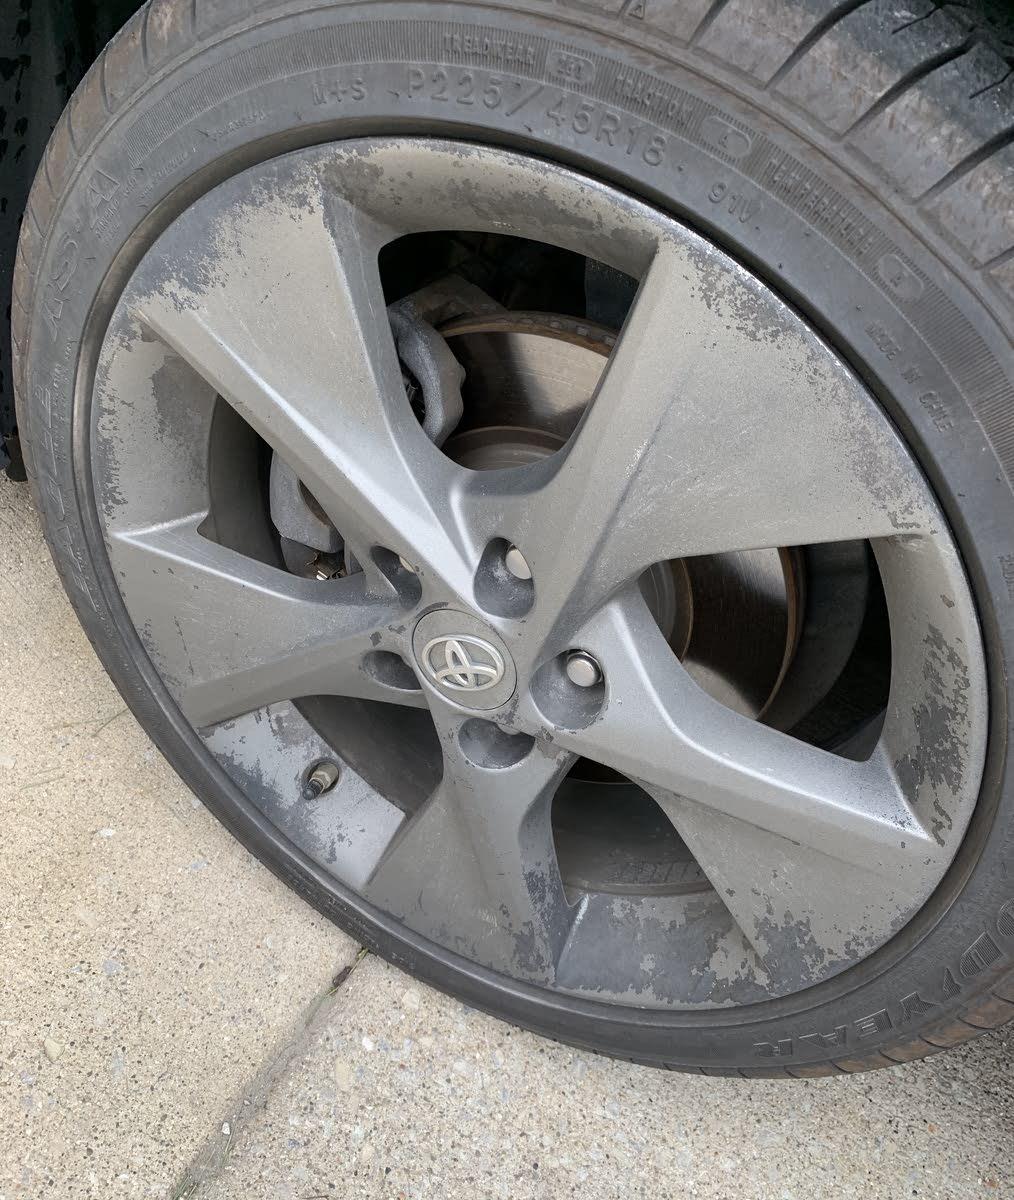 Cargurus Toyota Camry: Repairing Wheels Thing